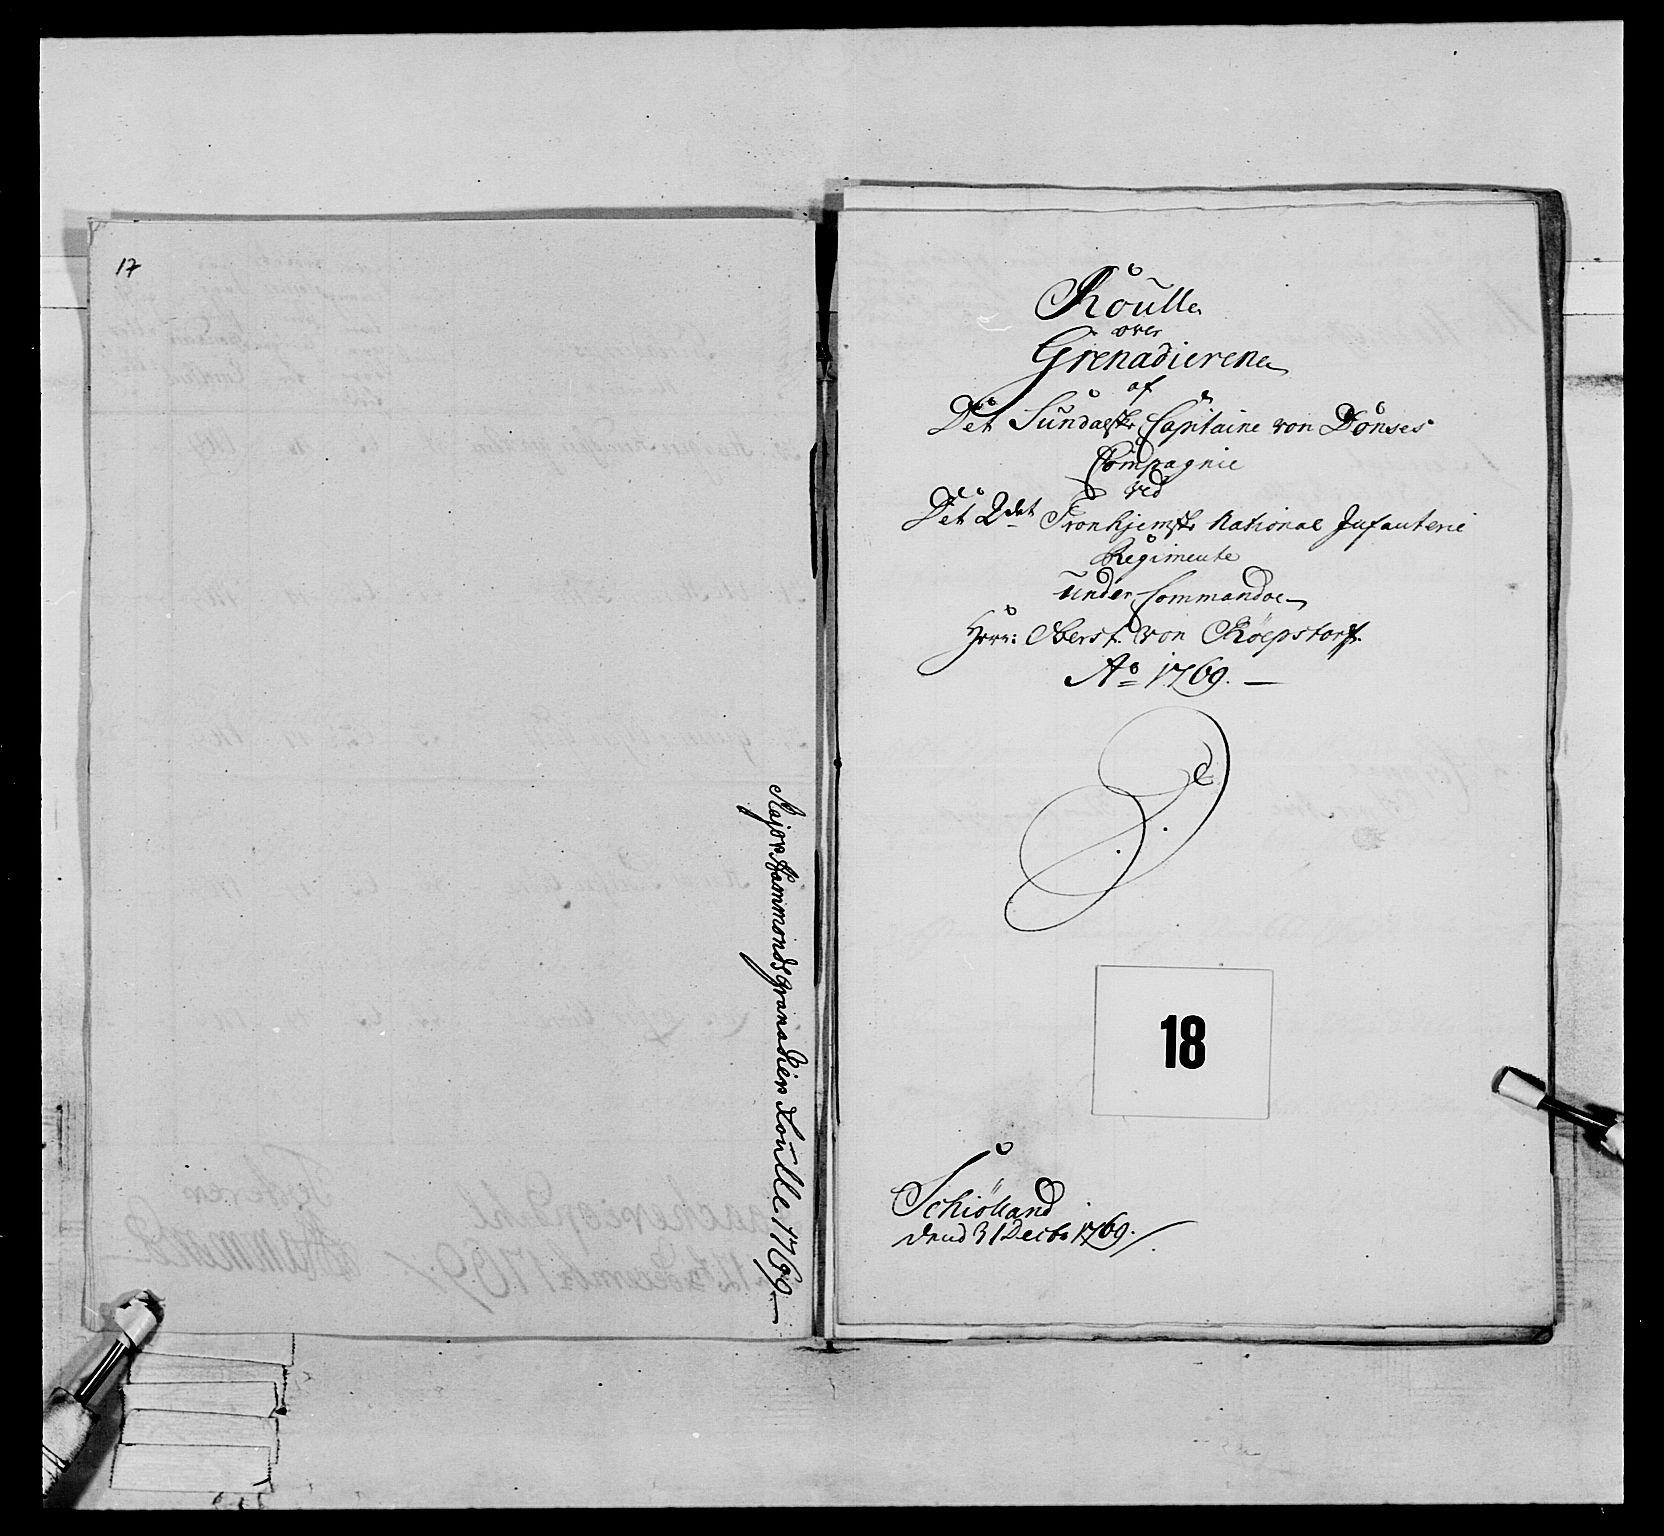 RA, Generalitets- og kommissariatskollegiet, Det kongelige norske kommissariatskollegium, E/Eh/L0076: 2. Trondheimske nasjonale infanteriregiment, 1766-1773, s. 34